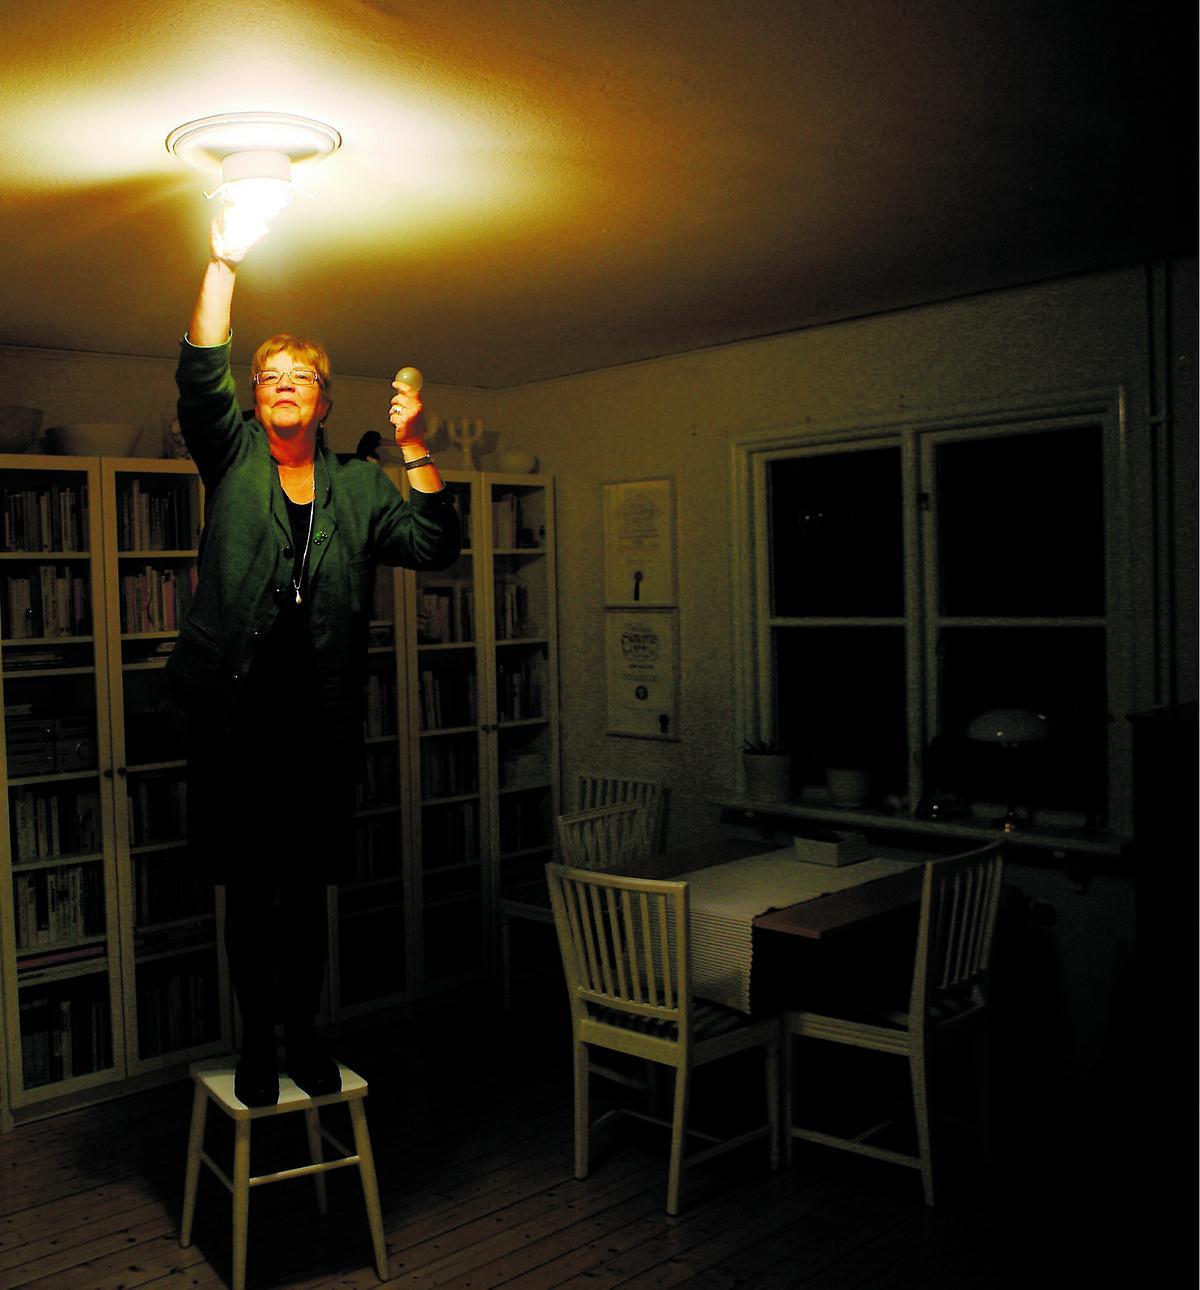 SPARAR ENERGI Aftonbladets Lena Mellin gör precis som EU vill – skruvar ur den vanliga glödlampan och ersätter den med en energisnålare ljuskälla. Nätspänningshalogen.